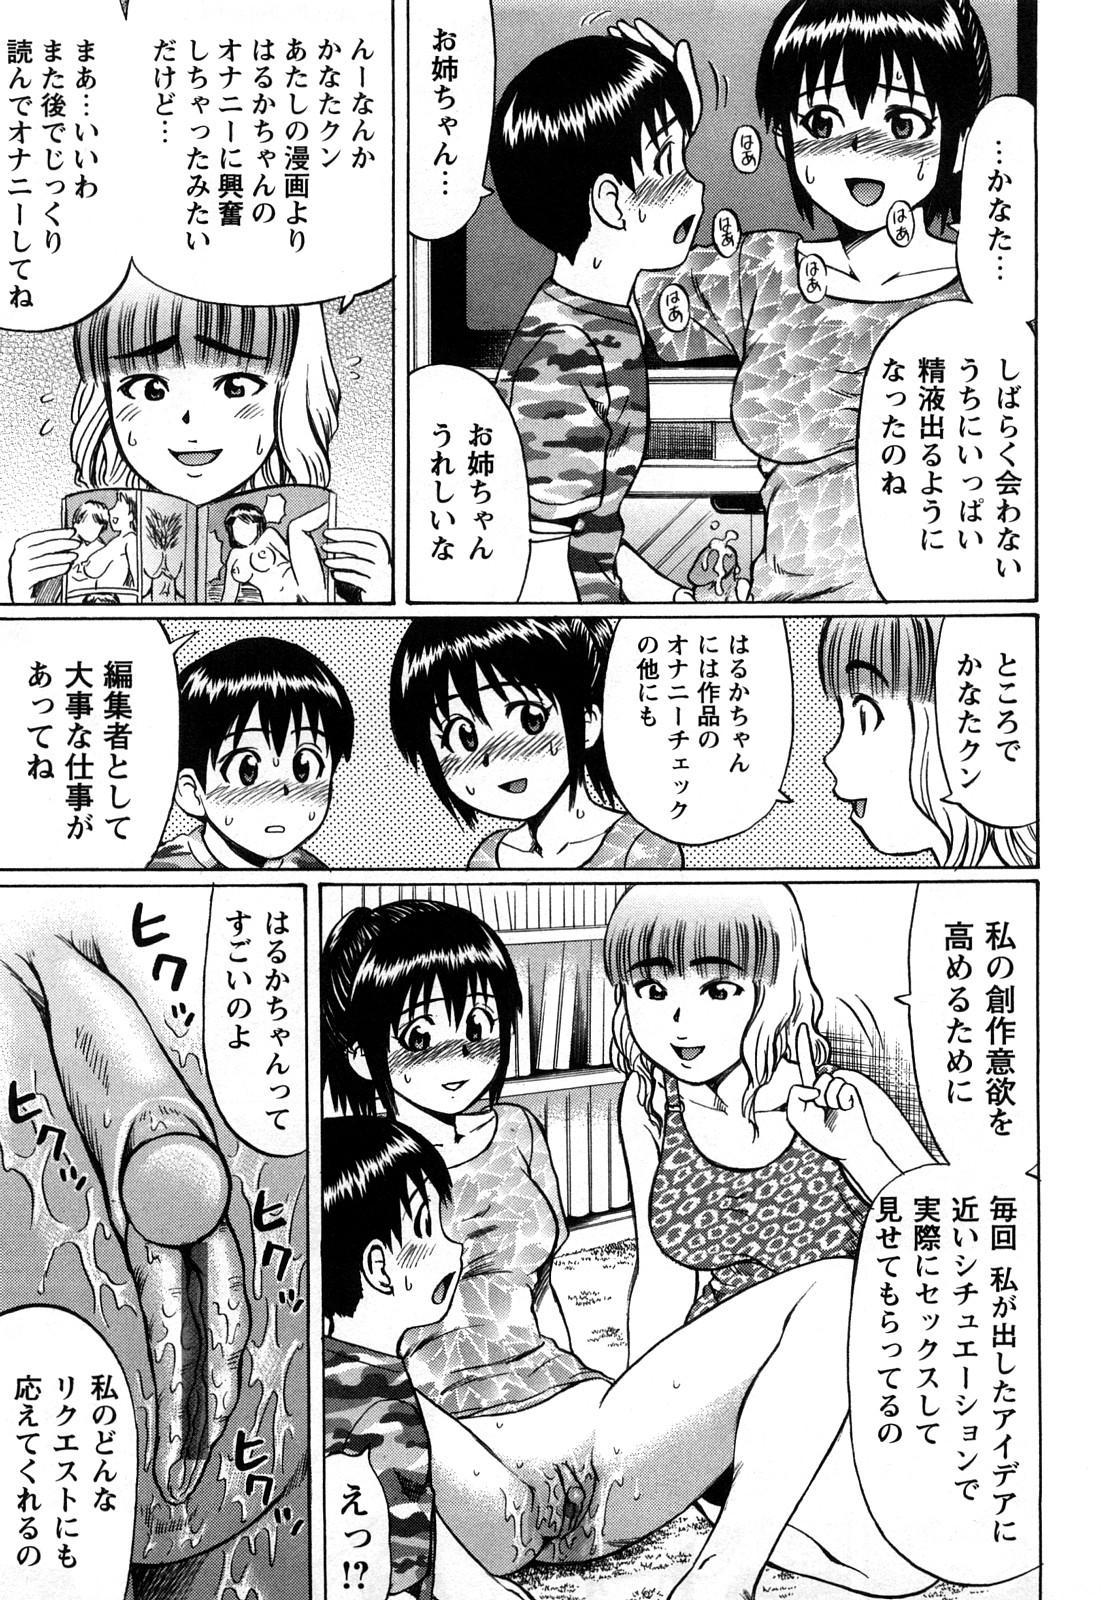 Kimi-tachi Doutei? 170